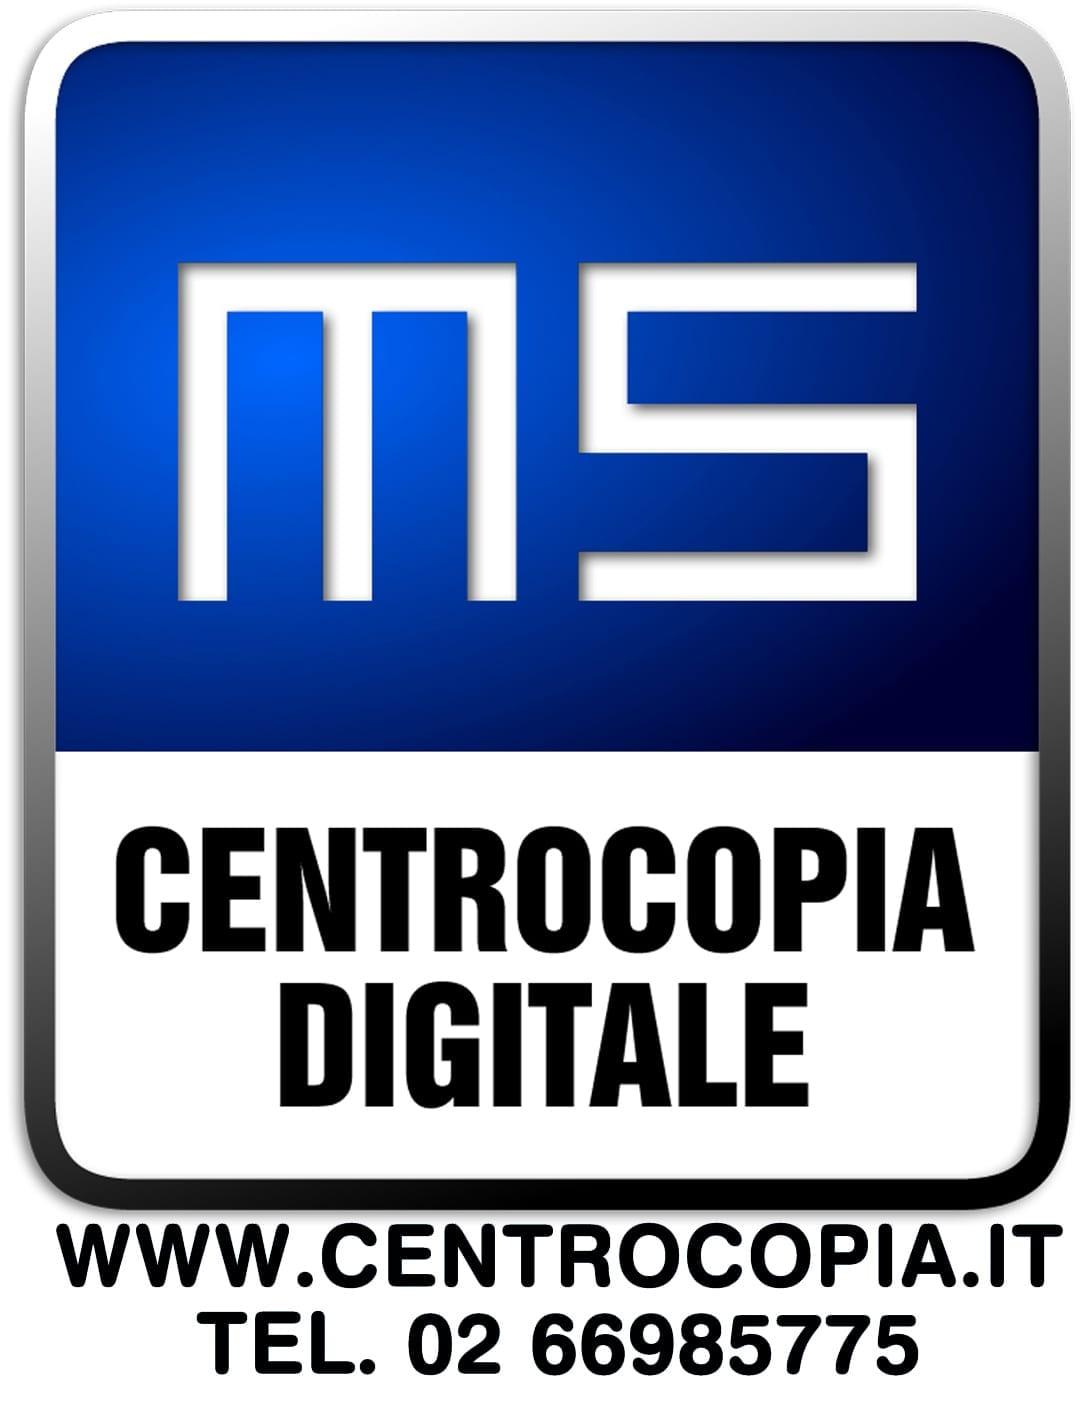 Centrocopia